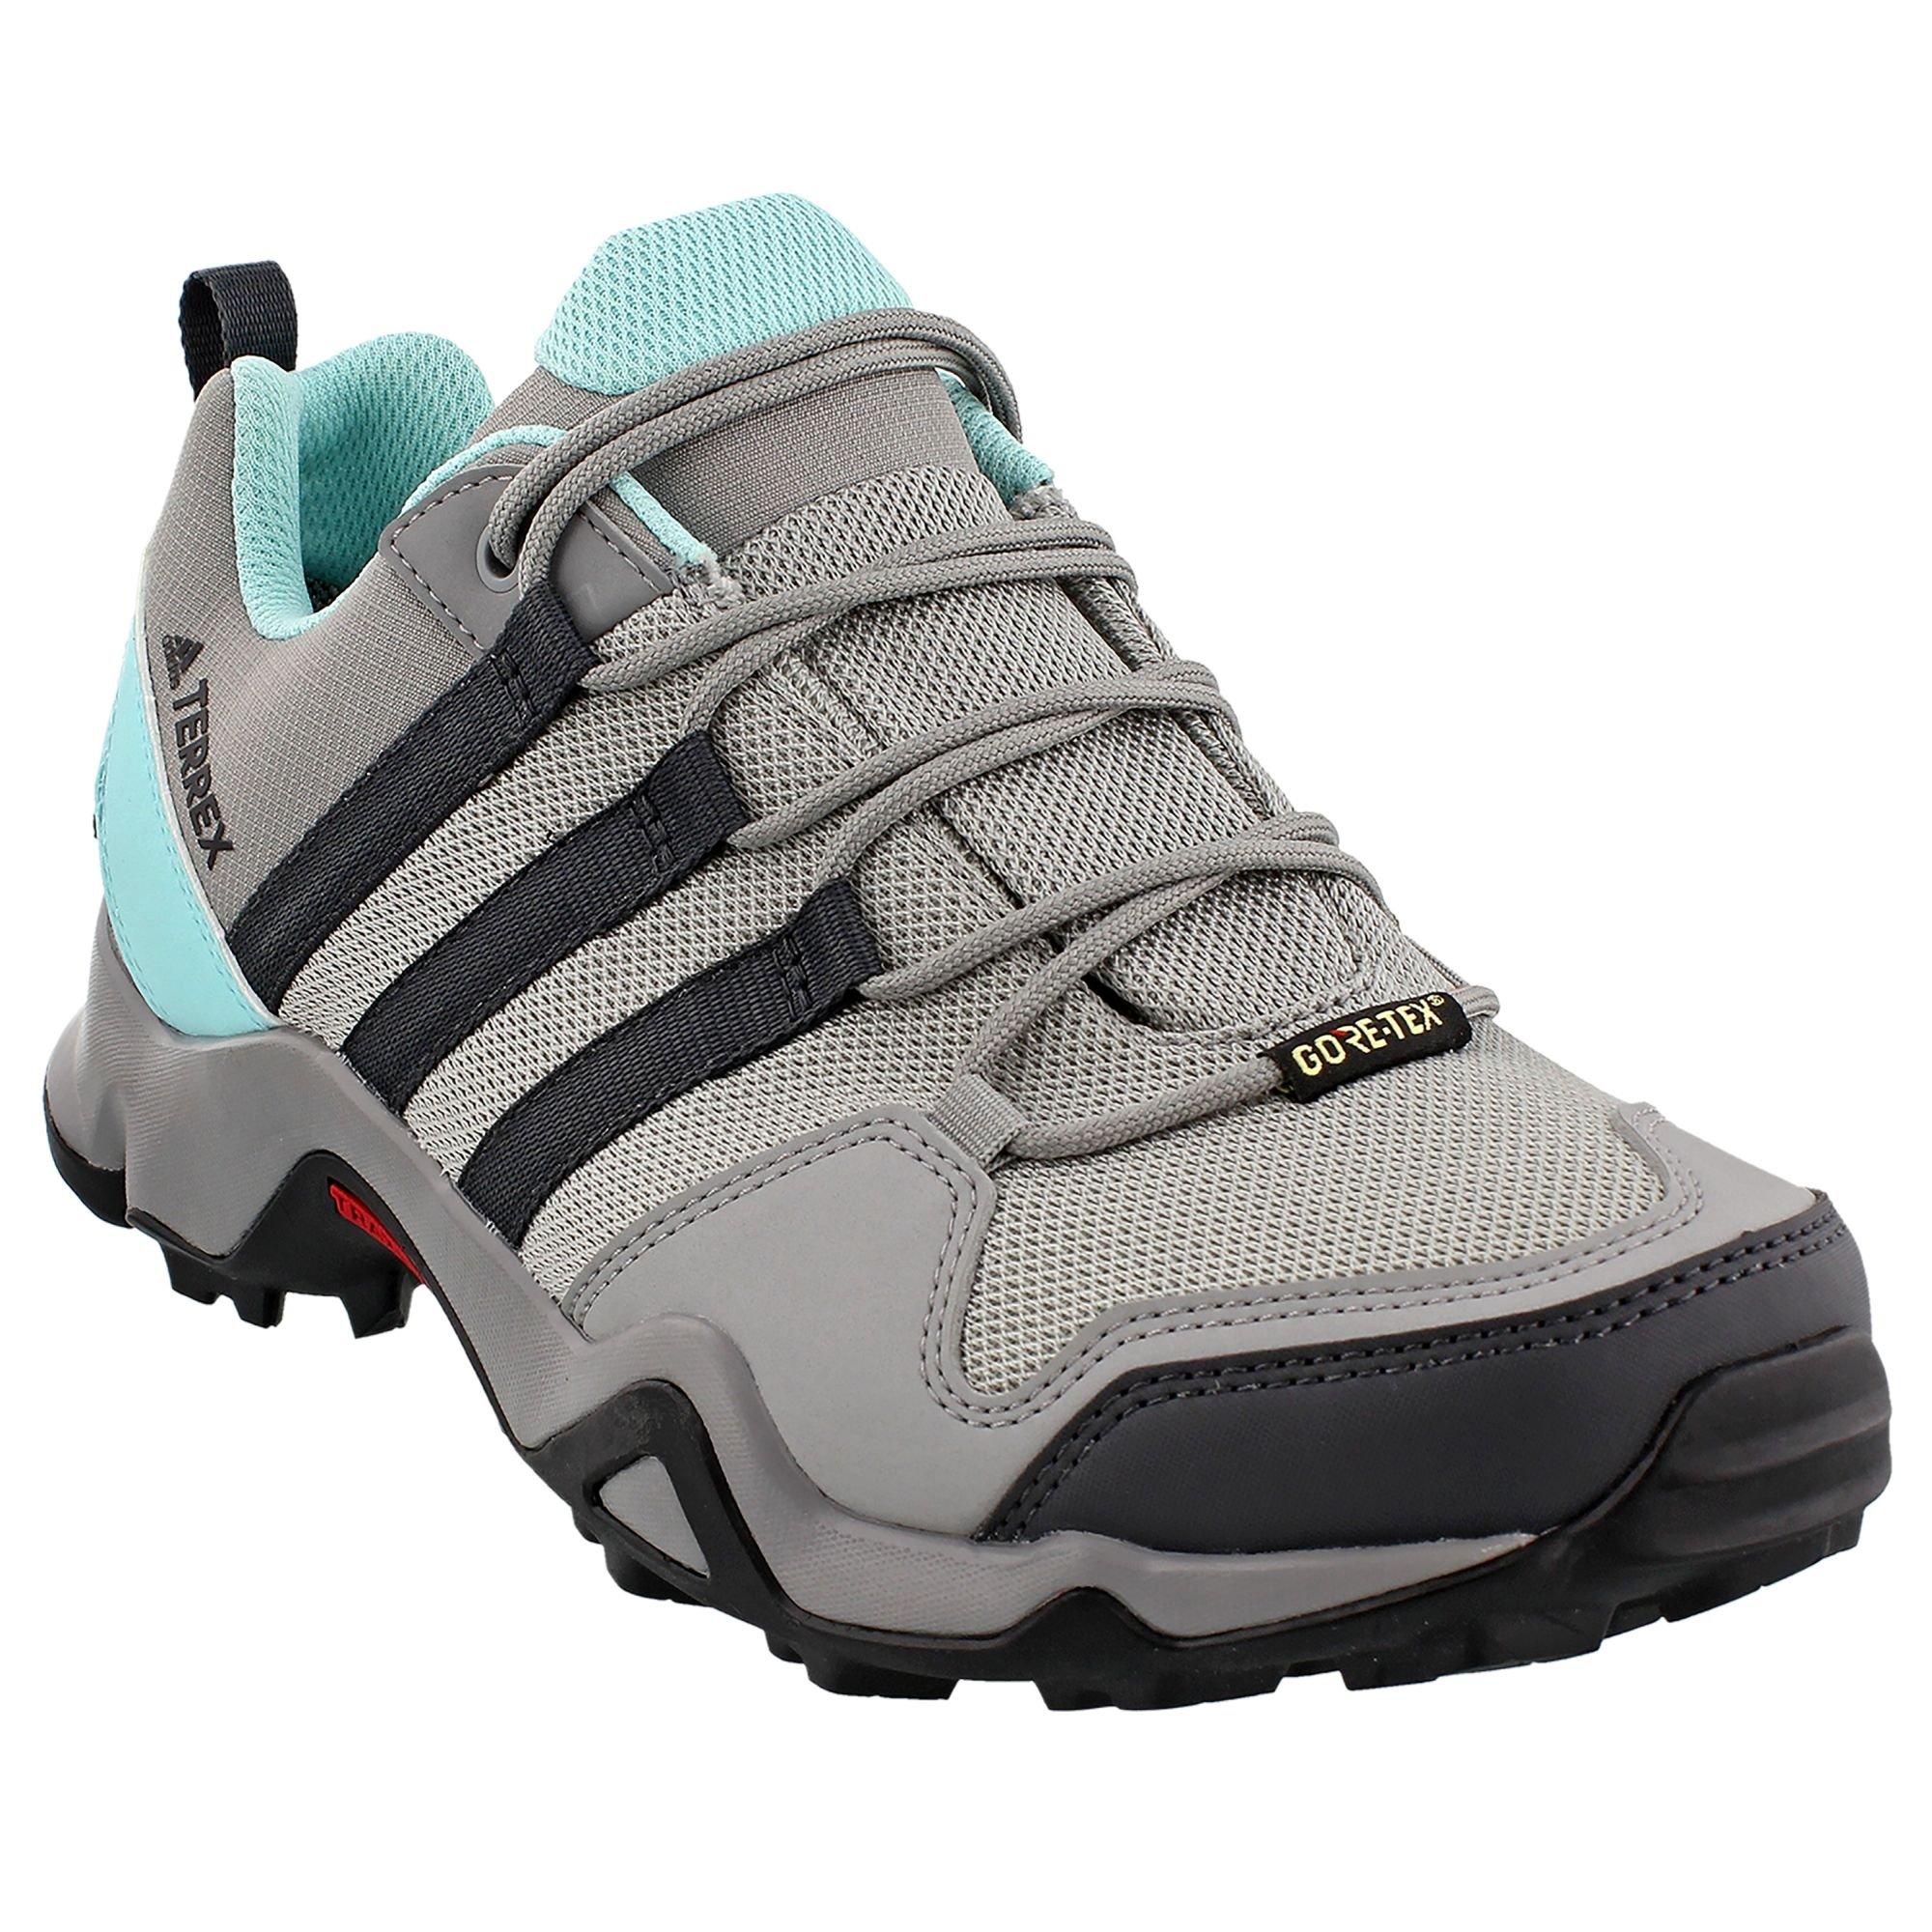 adidas outdoor Women's Terrex AX2R GTX Charcoal Solid Grey/Dgh Solid Grey/Clera Aqua 8.5 B US